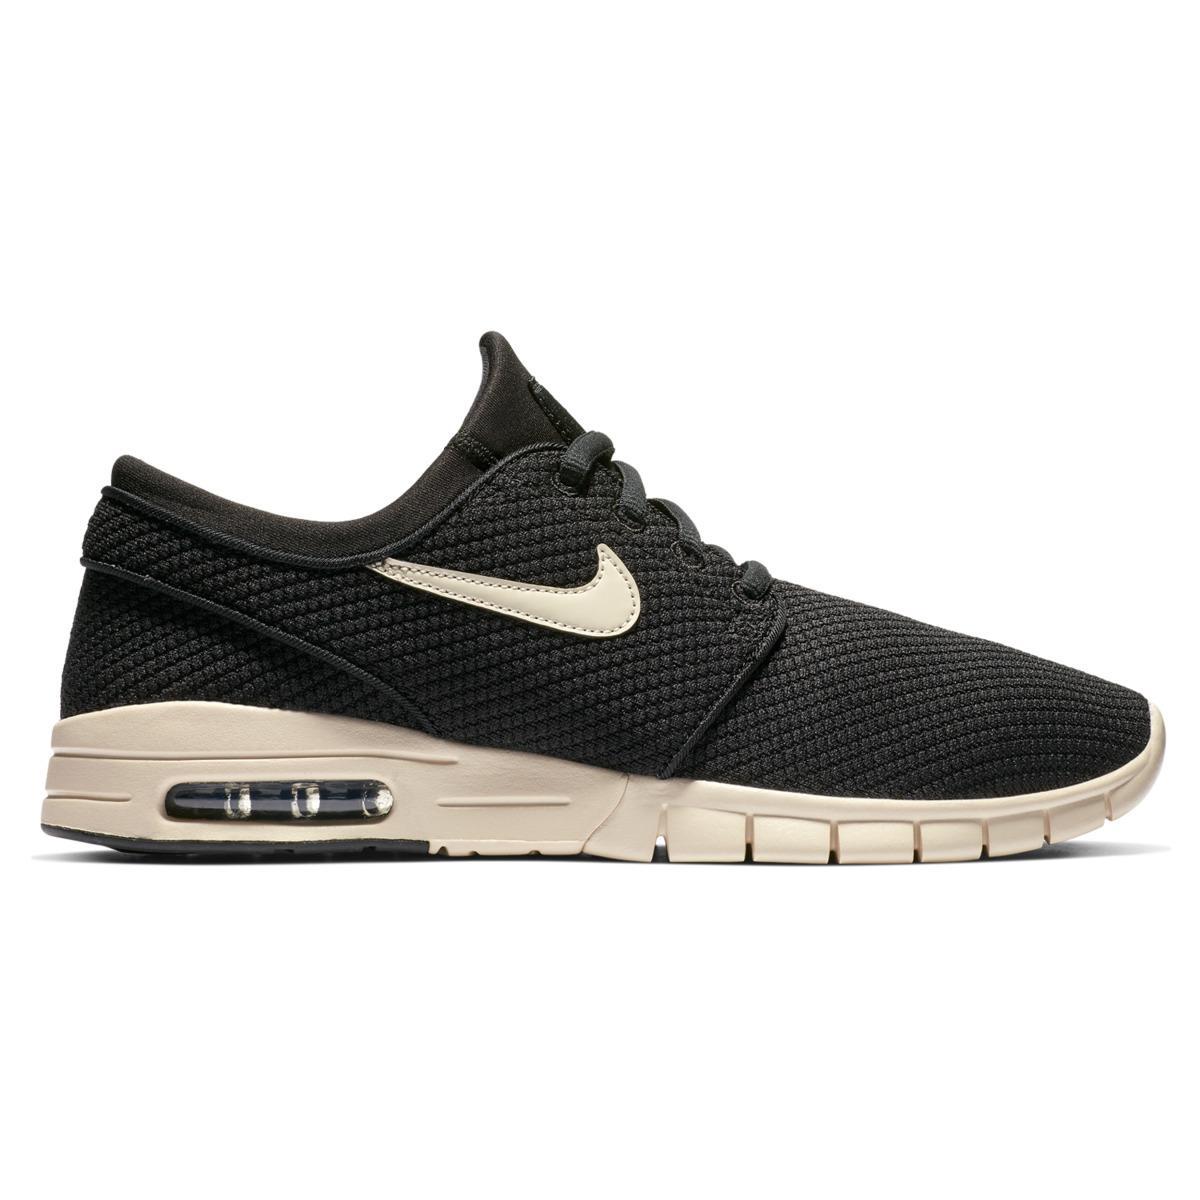 designer fashion 89218 b7071 Nike - Black Sb Stefan Janoski Max Skateboarding Skater Trainers for Men -  Lyst. View fullscreen